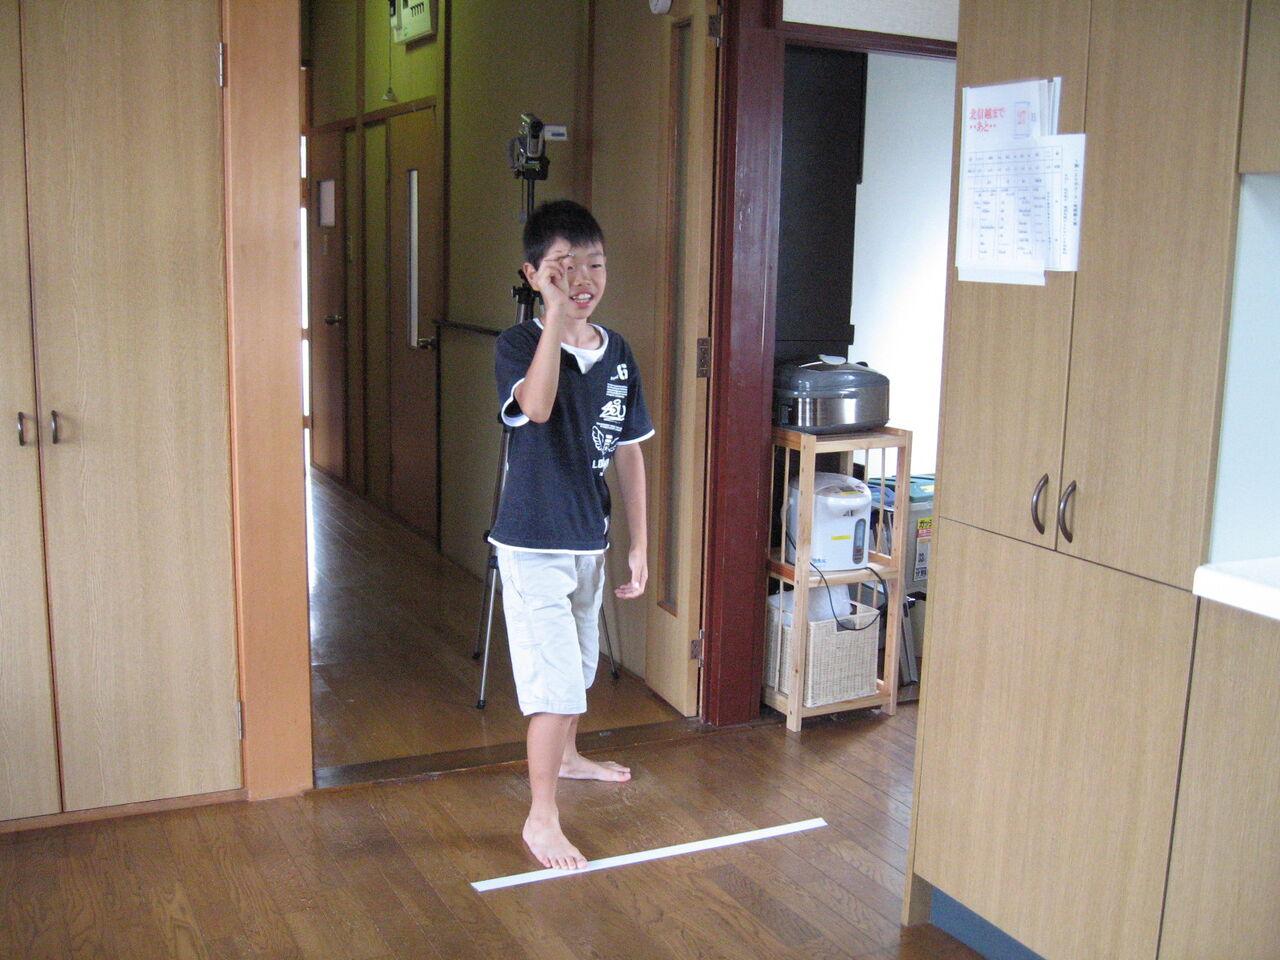 https://livedoor.blogimg.jp/ikouyou_1204/imgs/a/b/abe869f4.jpg